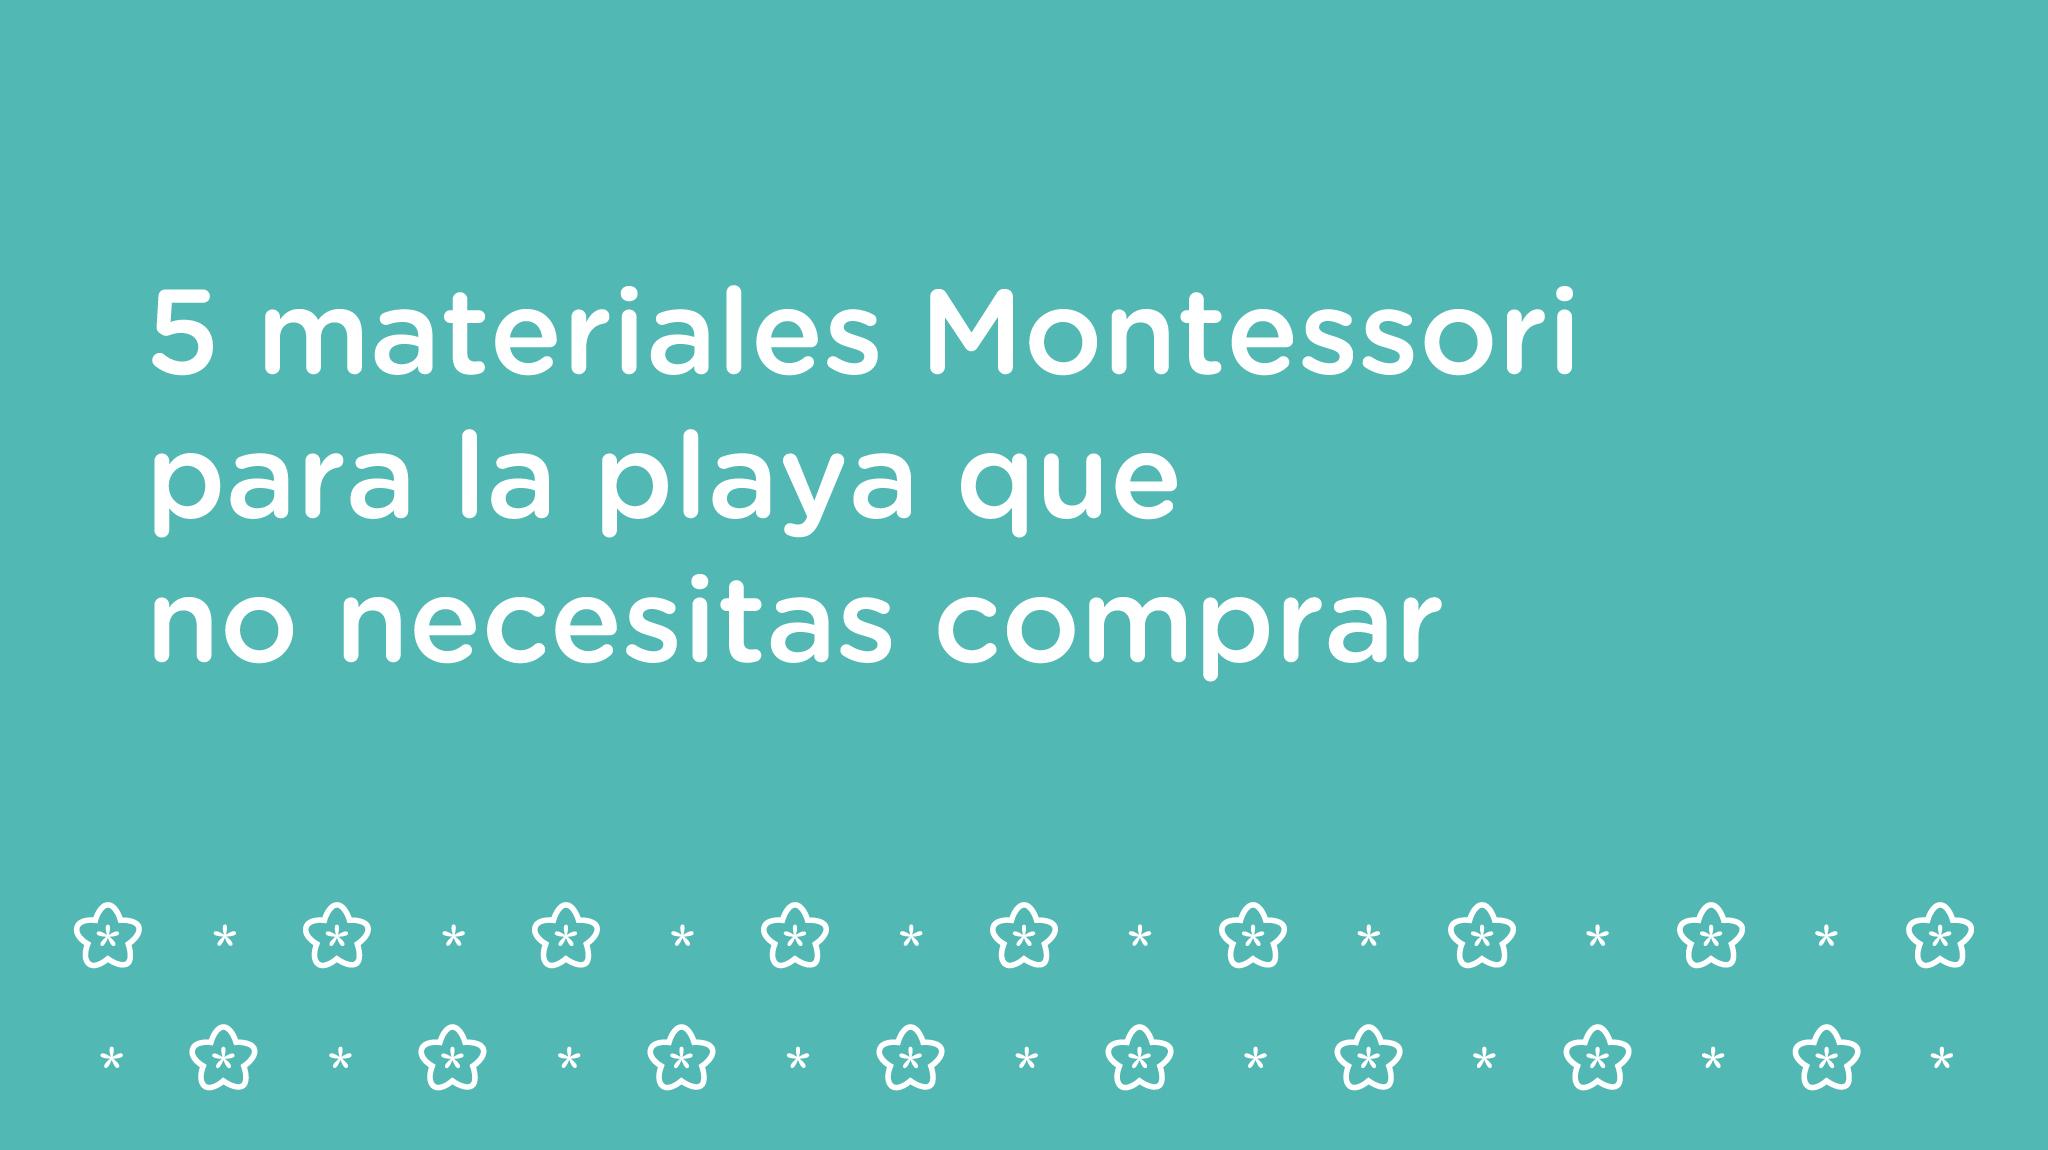 5 materiales Montessori para la playa que no necesitas comprar